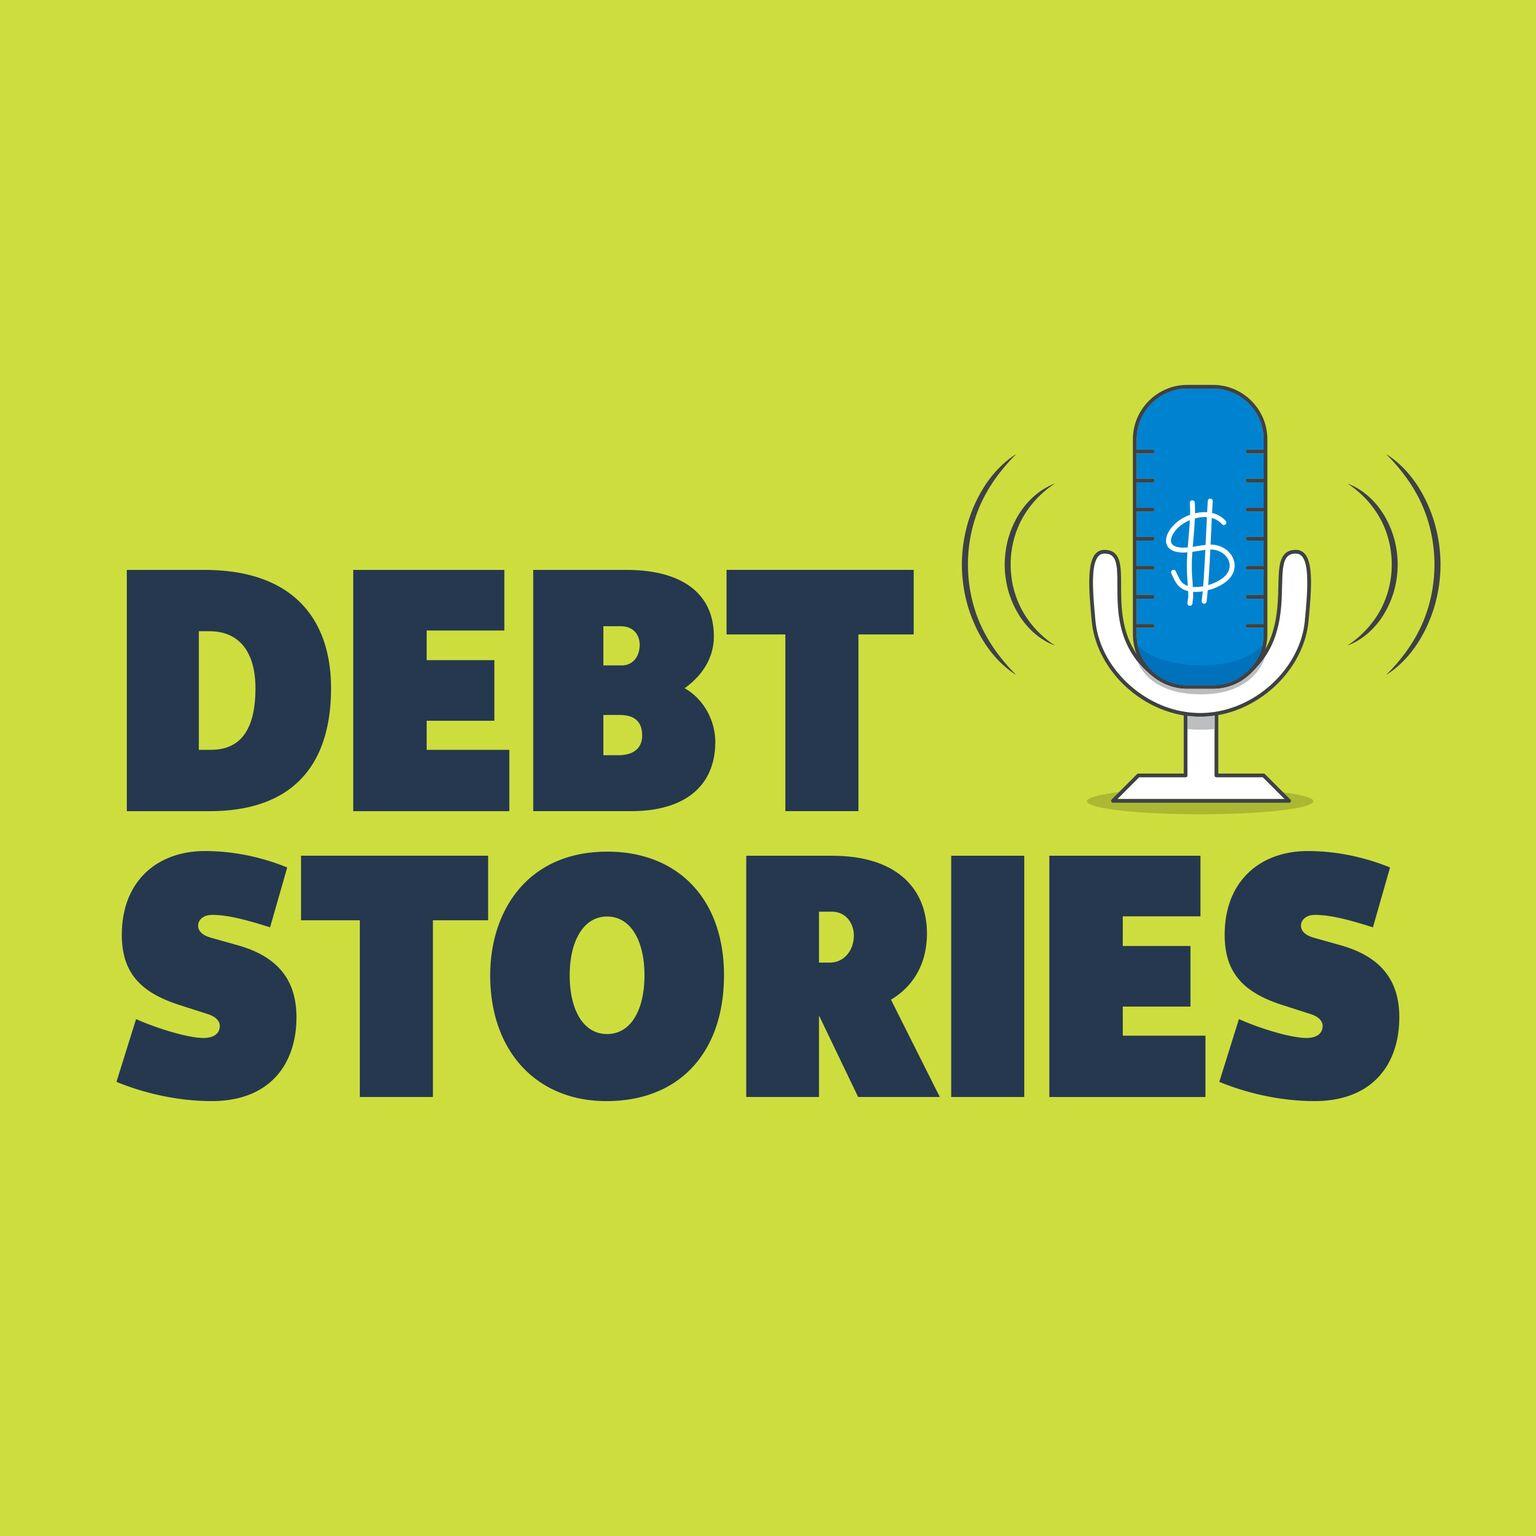 Debt Stories: Taking A Break